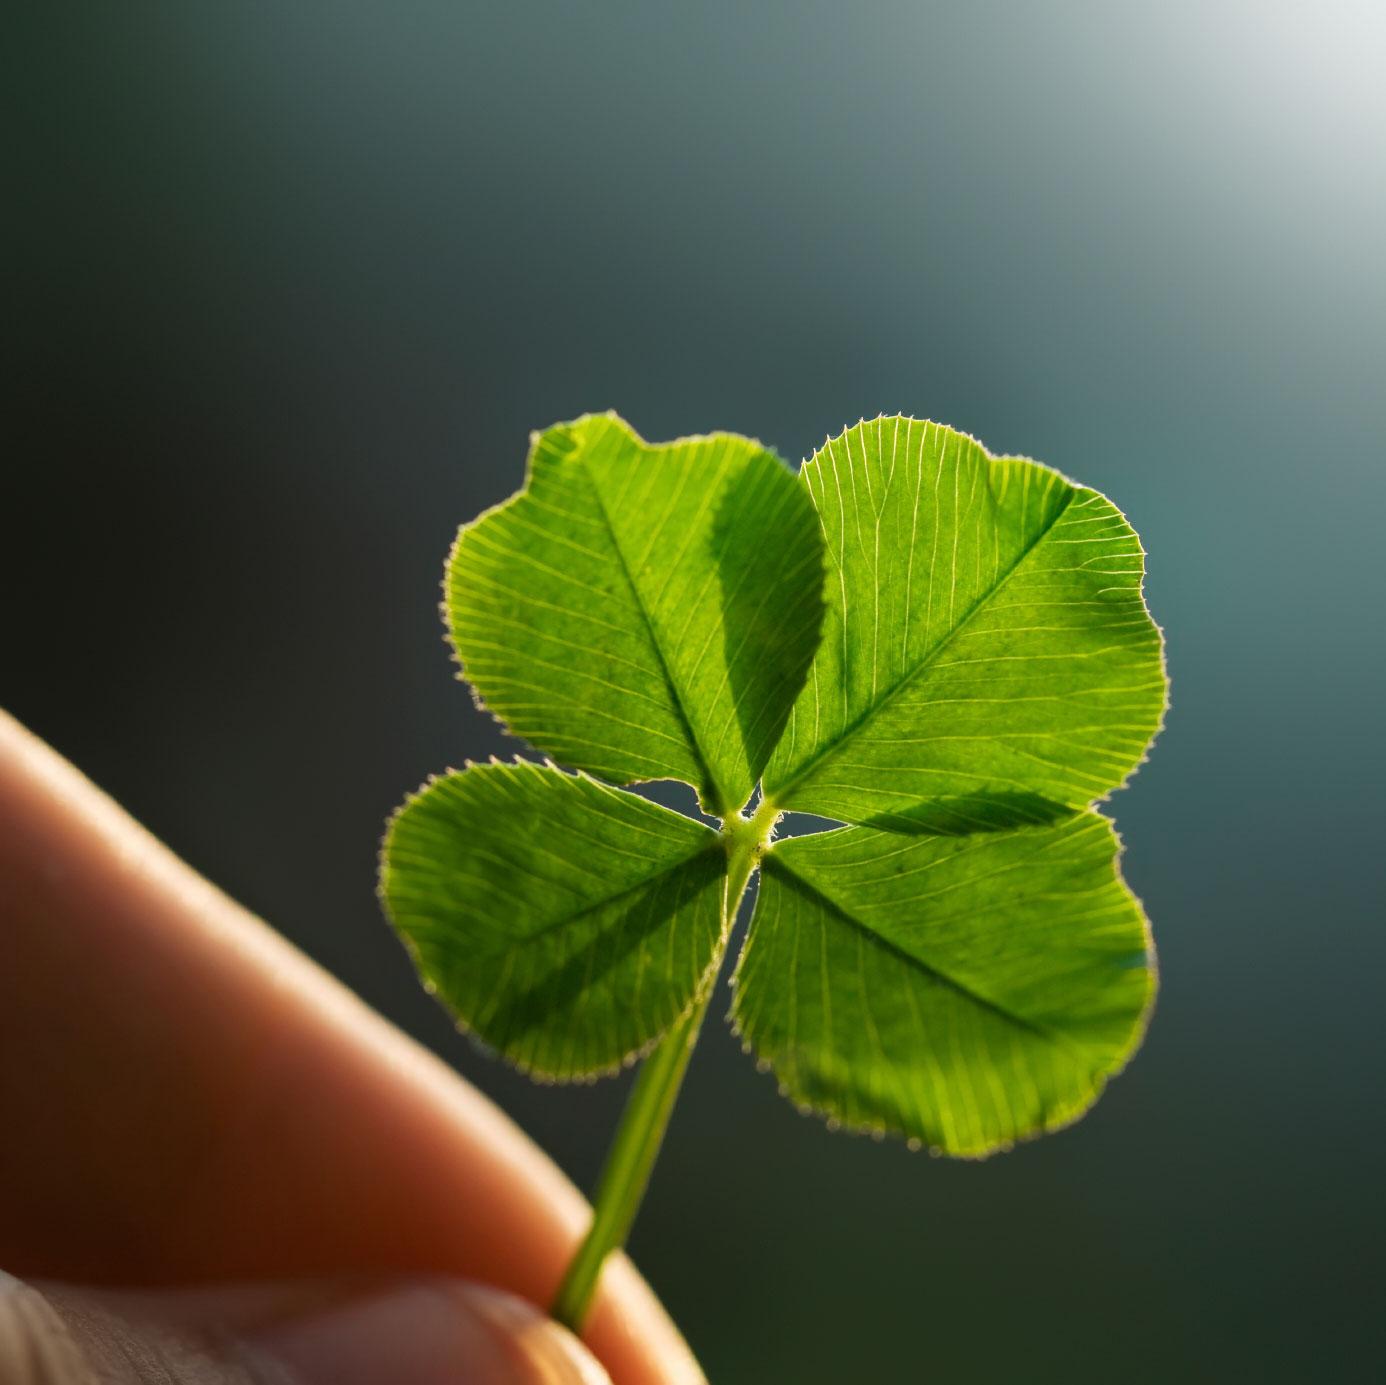 biểu tượng may mắn cỏ bốn lá